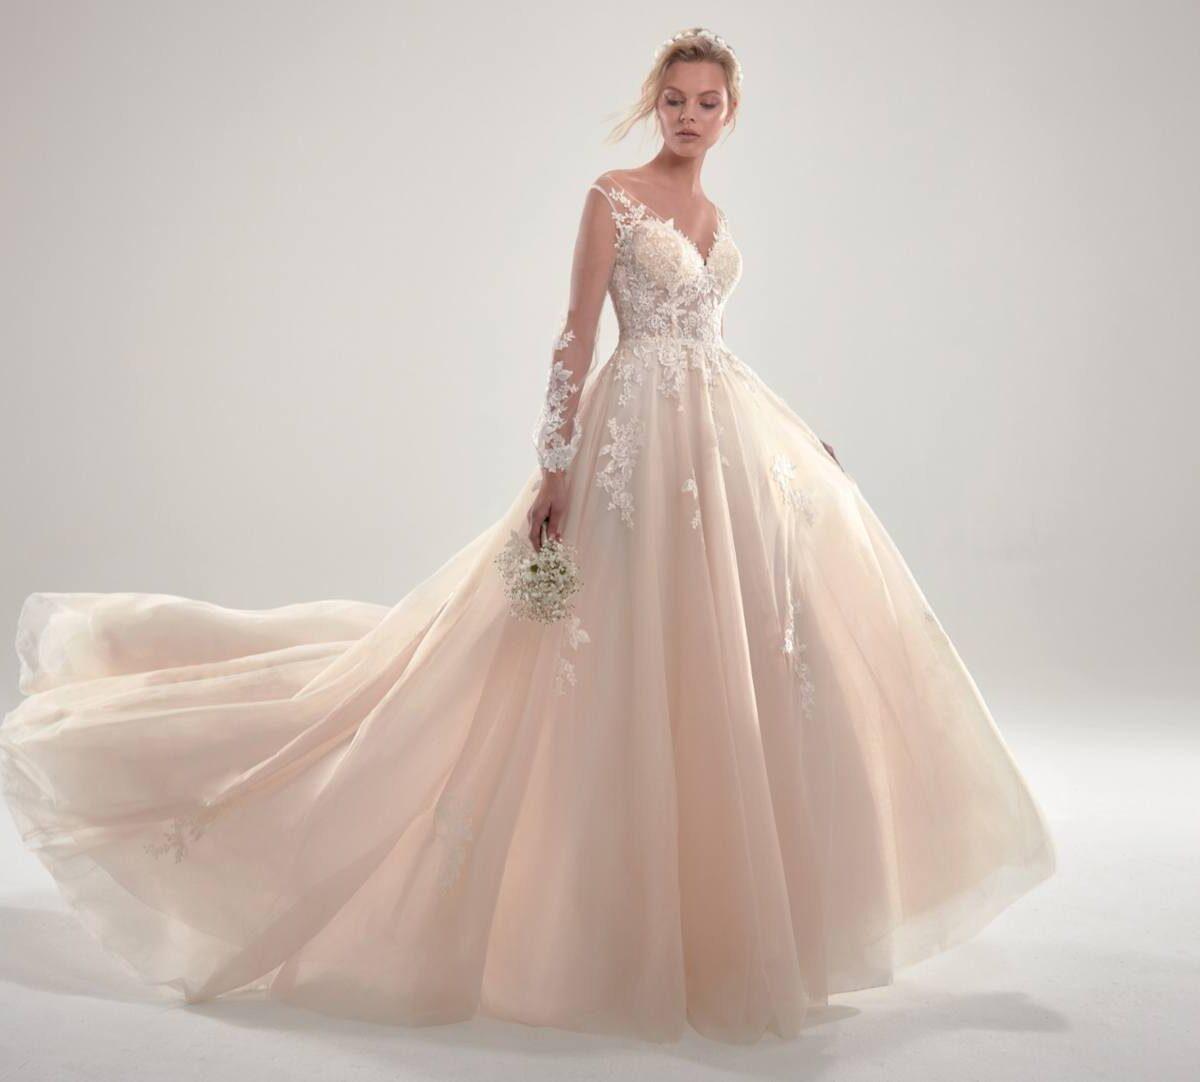 Elizabeth-Bridal-Aurora-20261